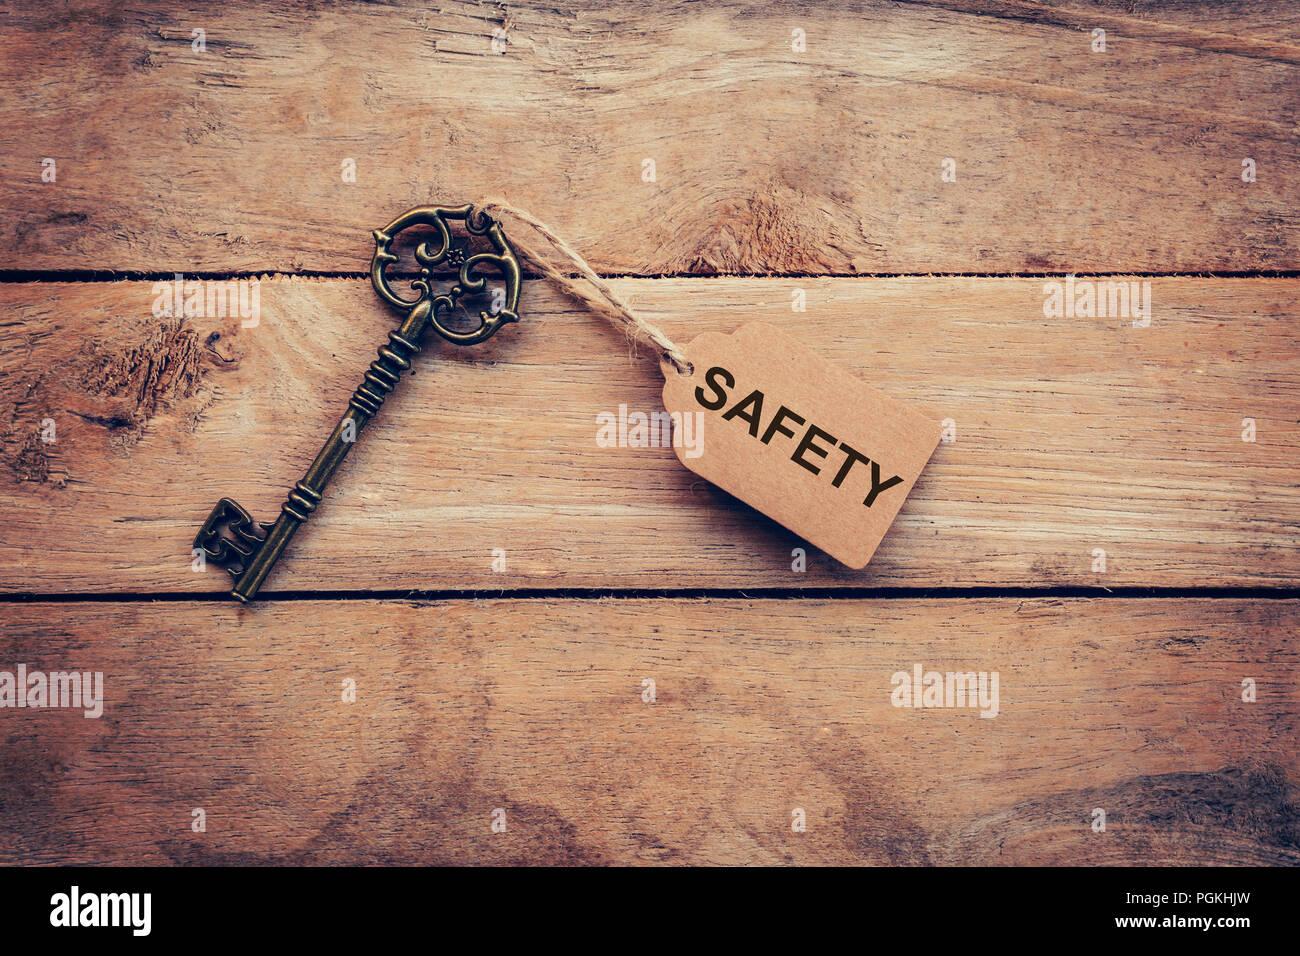 Llave antigua y etiqueta etiqueta de seguridad en madera por concepto de negocios. Imagen De Stock